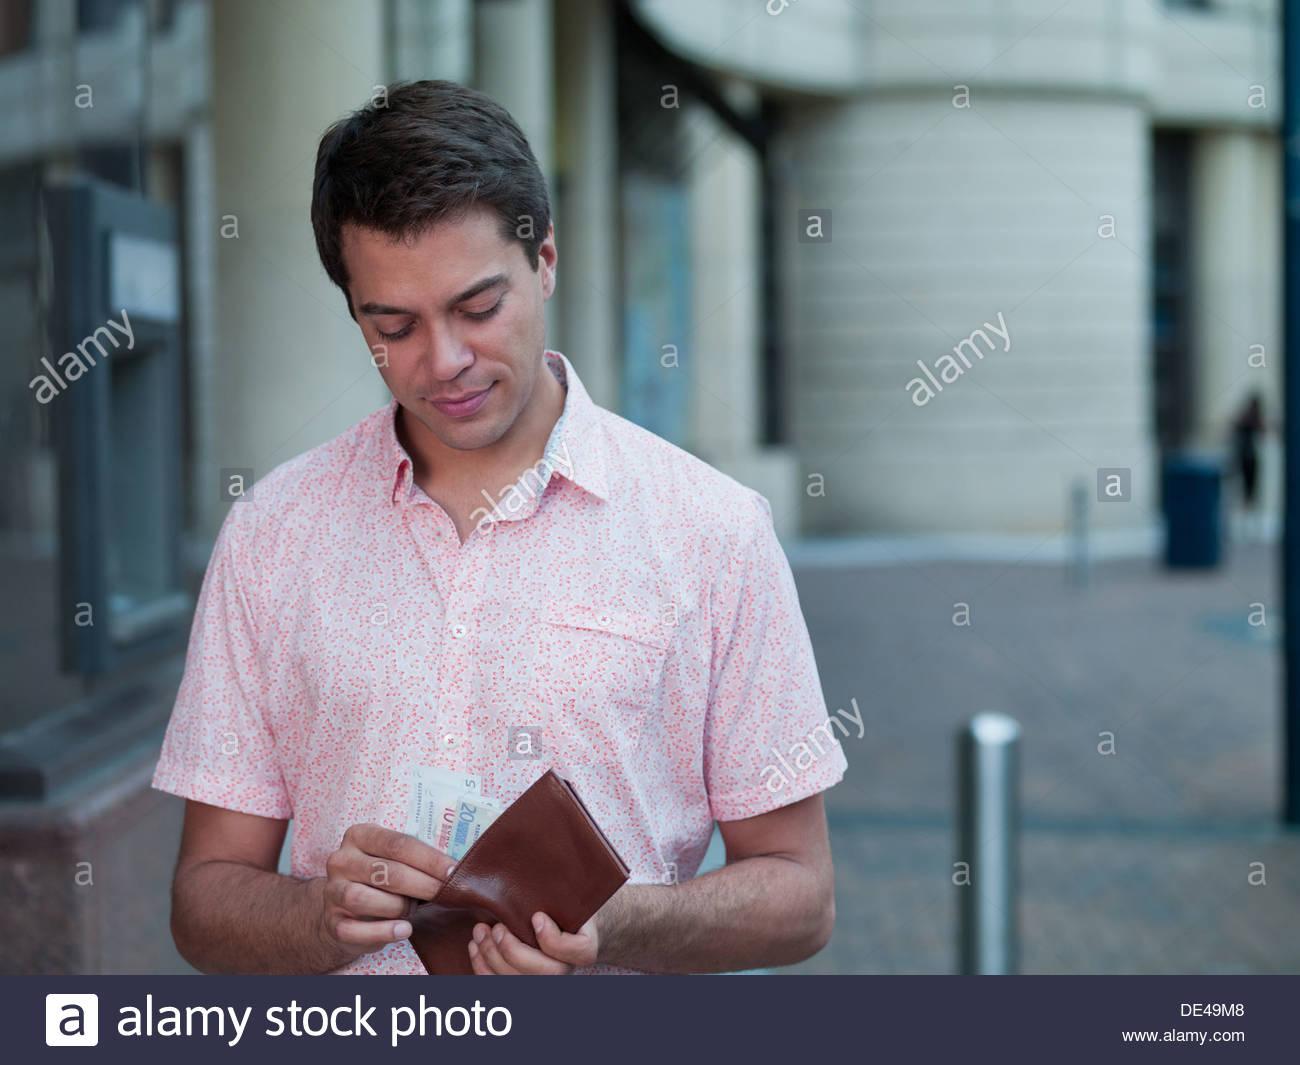 Hombre sujetando pocket cerca del cajero automático Imagen De Stock